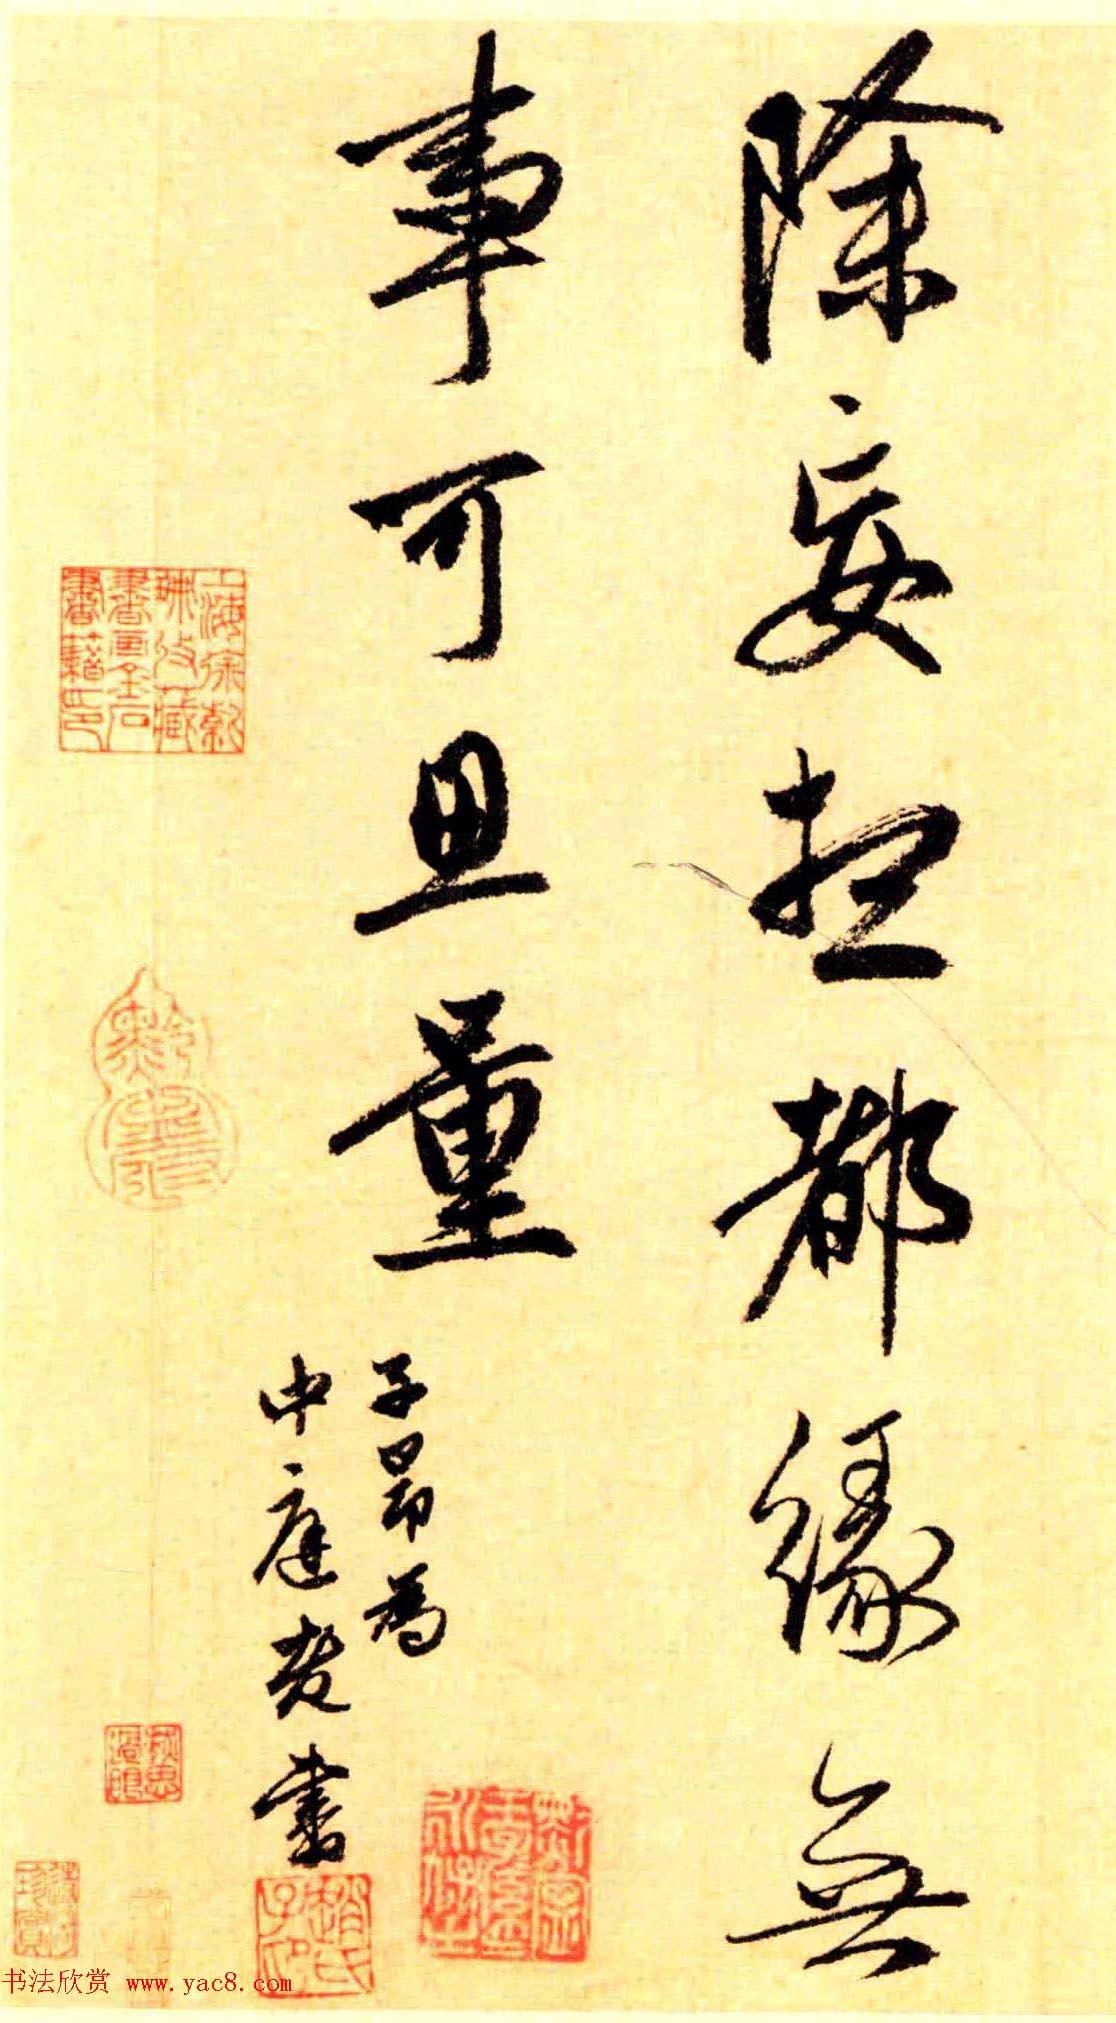 赵孟頫行书赏析《赵子昂为中庭老书南台静坐诗页》